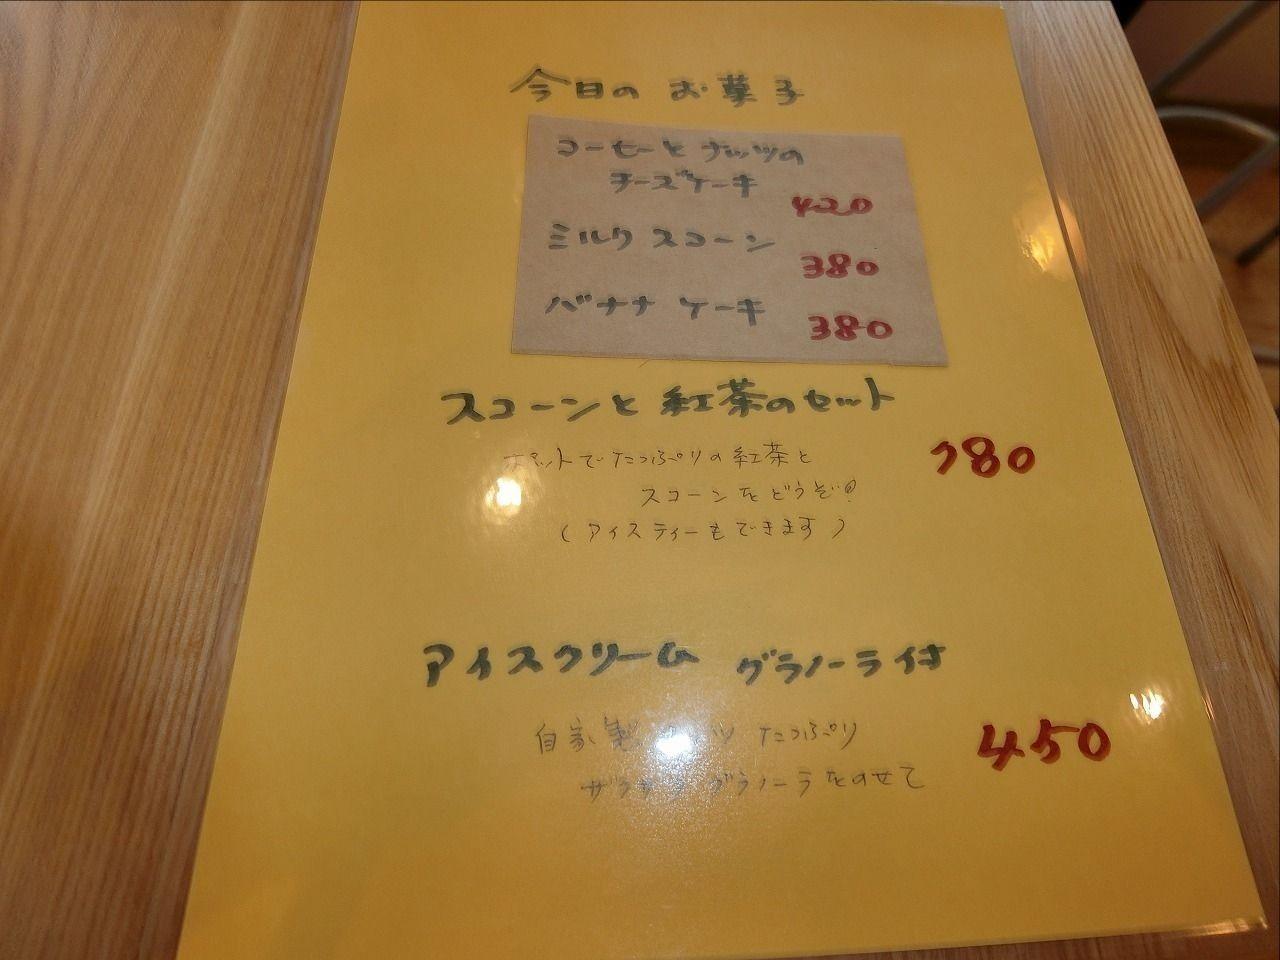 「Madalena Cafe」(マダレーナ カフェ) のメニュー(今日のお菓子)